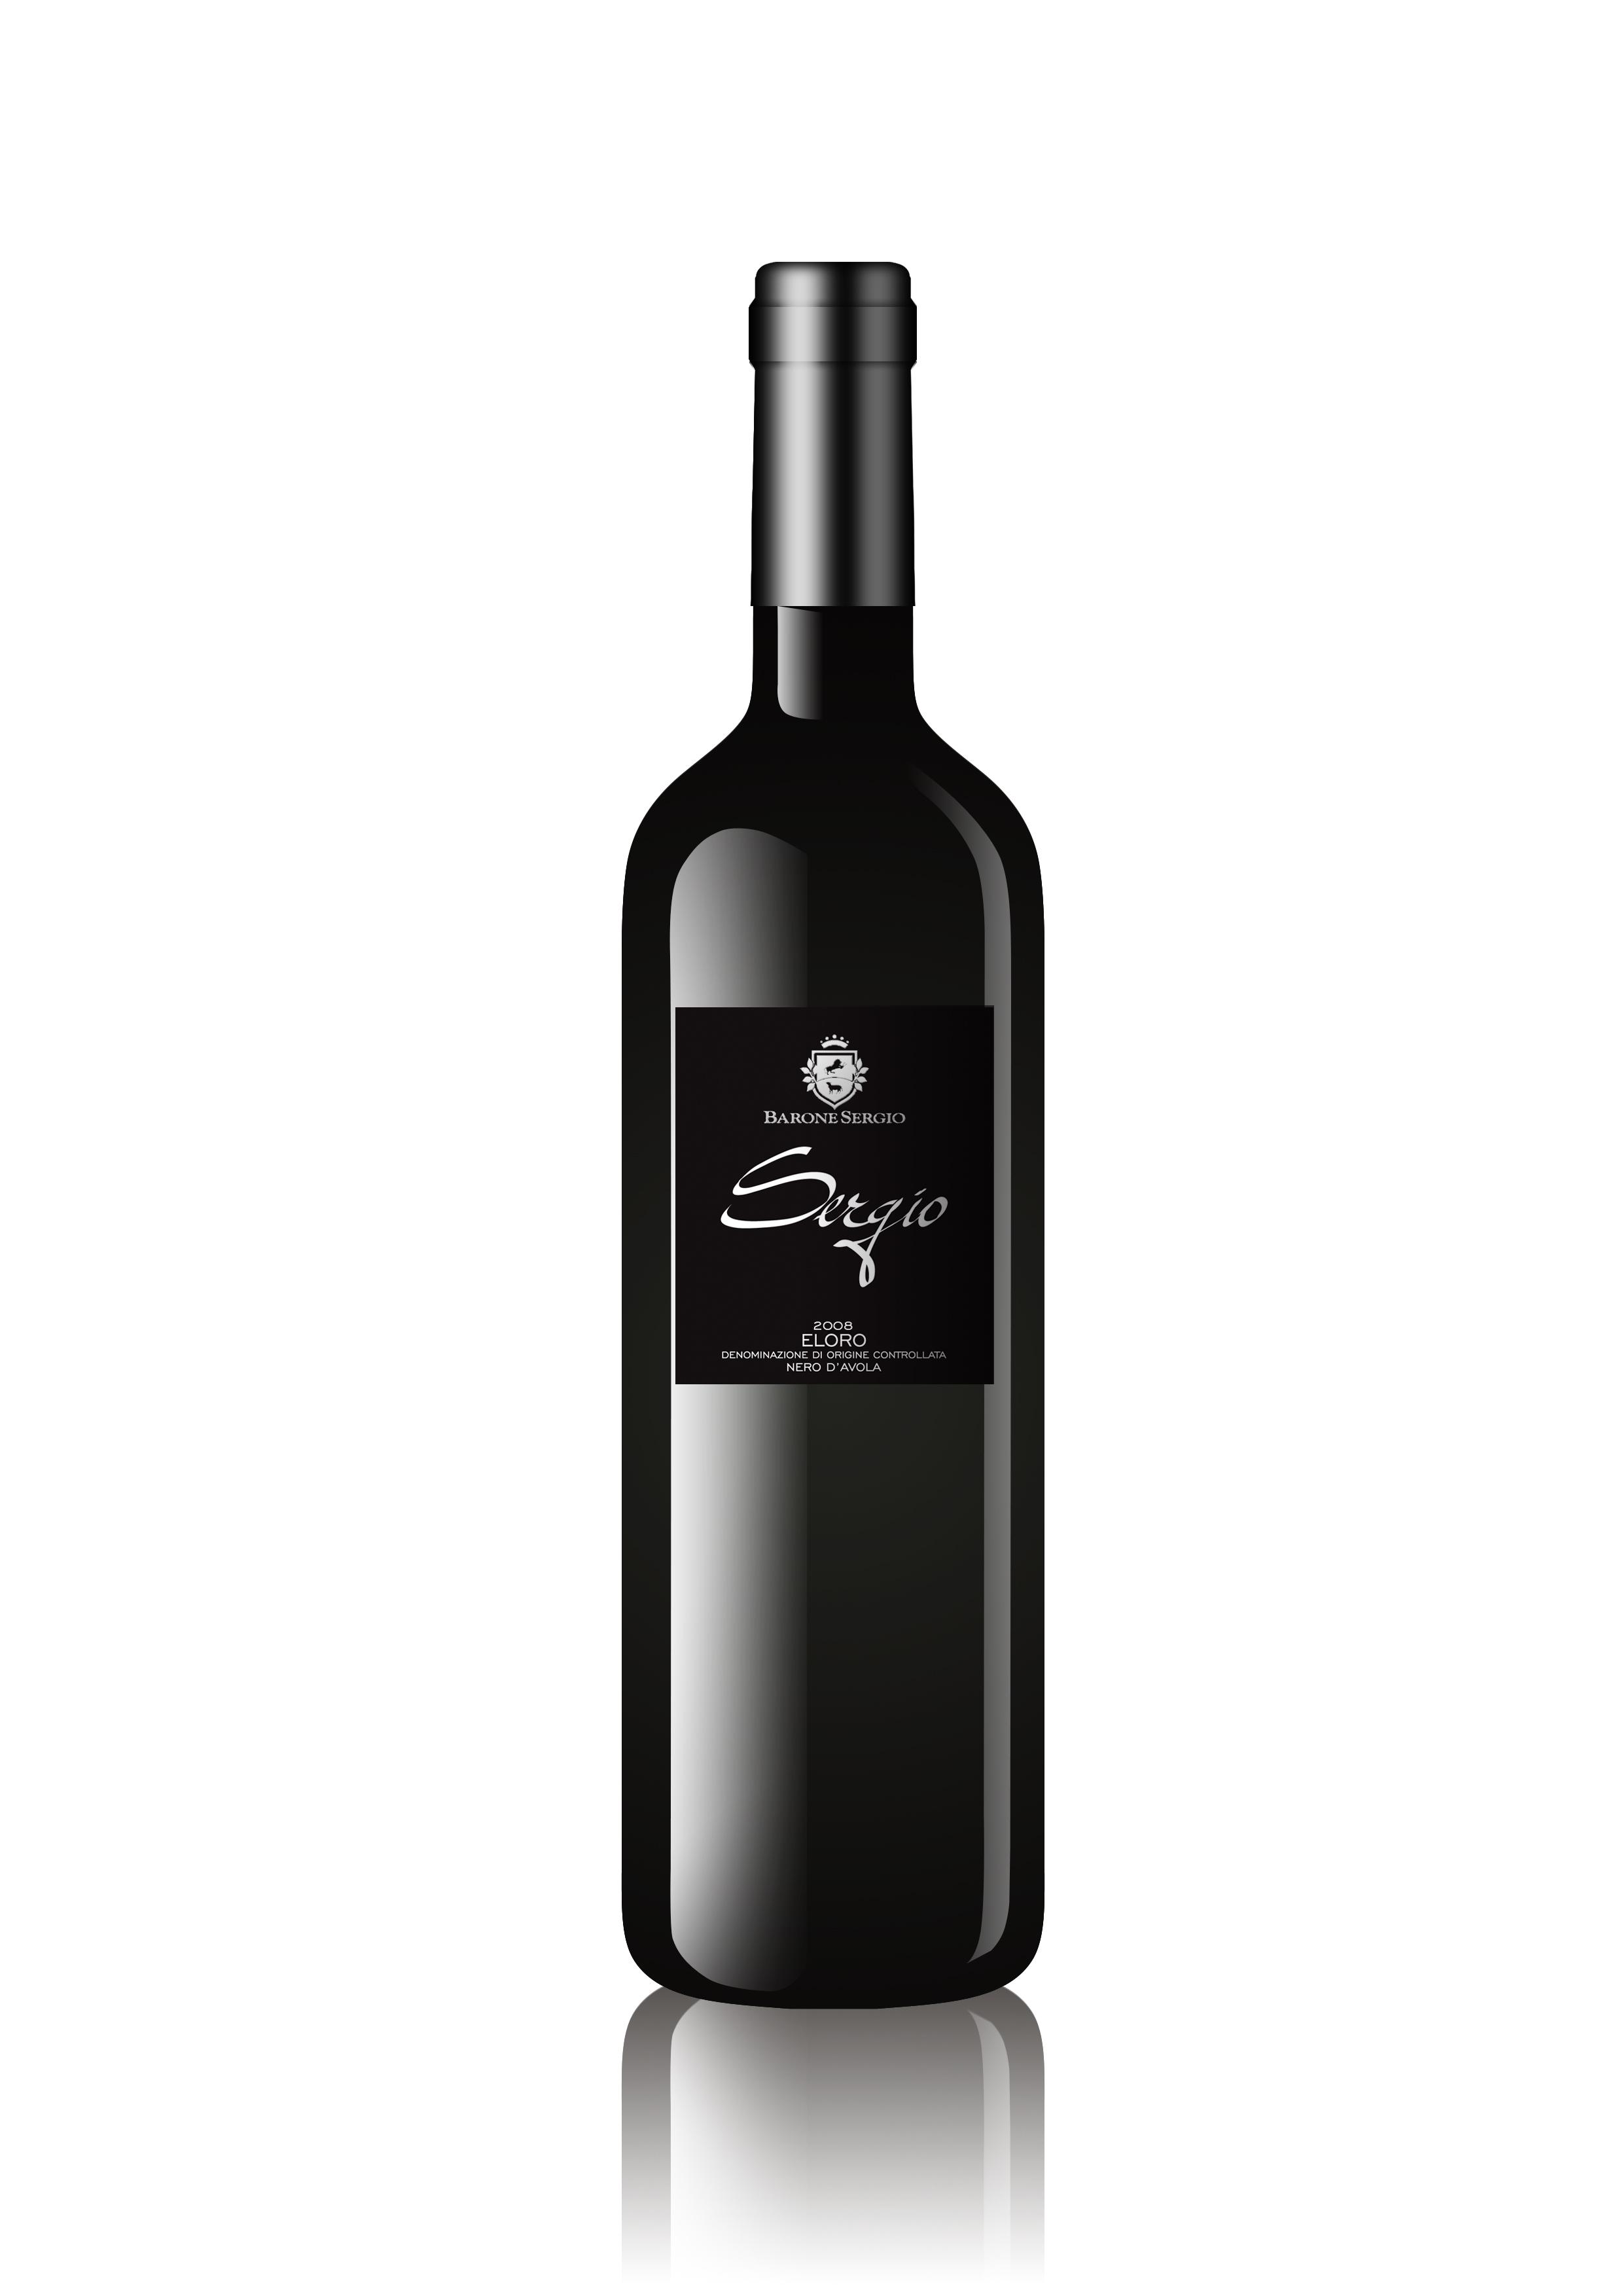 Nero d'Avola Sergio, grande vino dell'Azienda agricola Barone Sergio